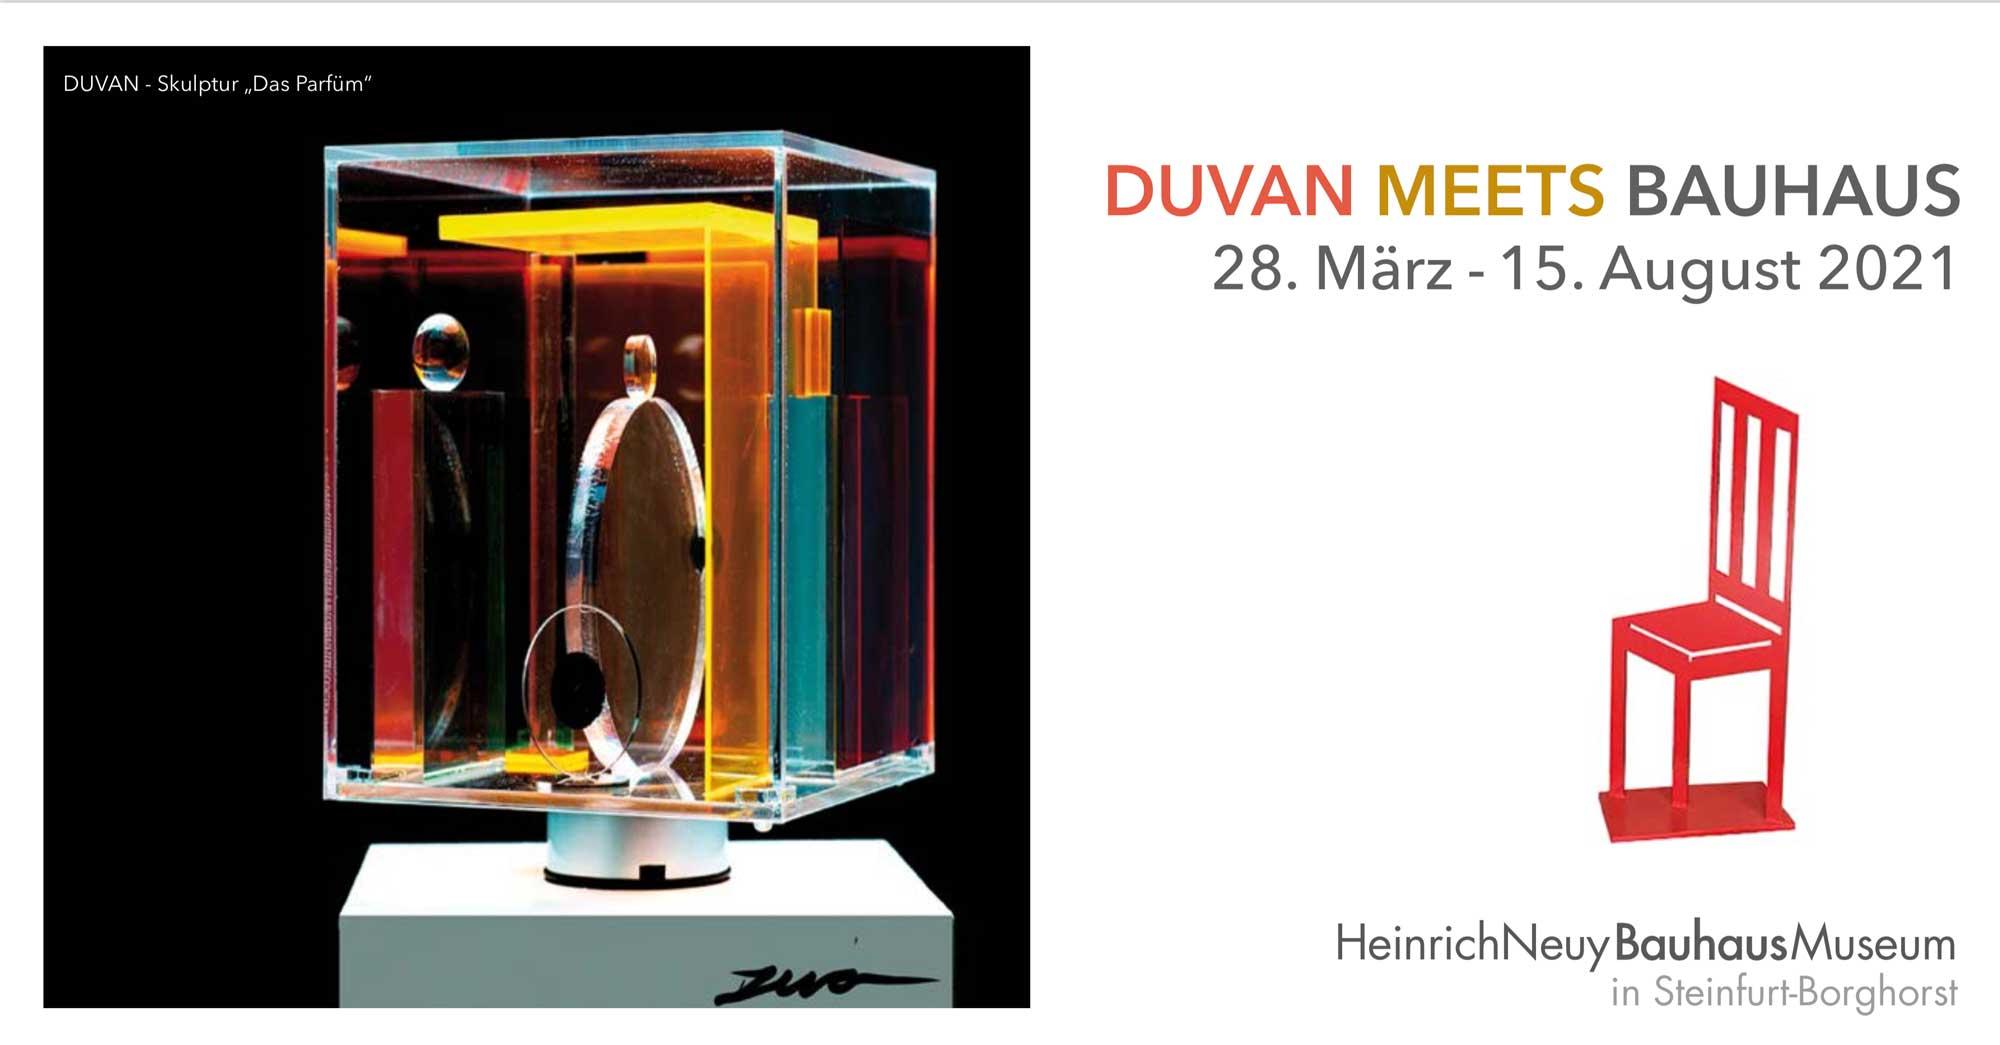 DUVAN_meets_Bauhaus_Aufmacher